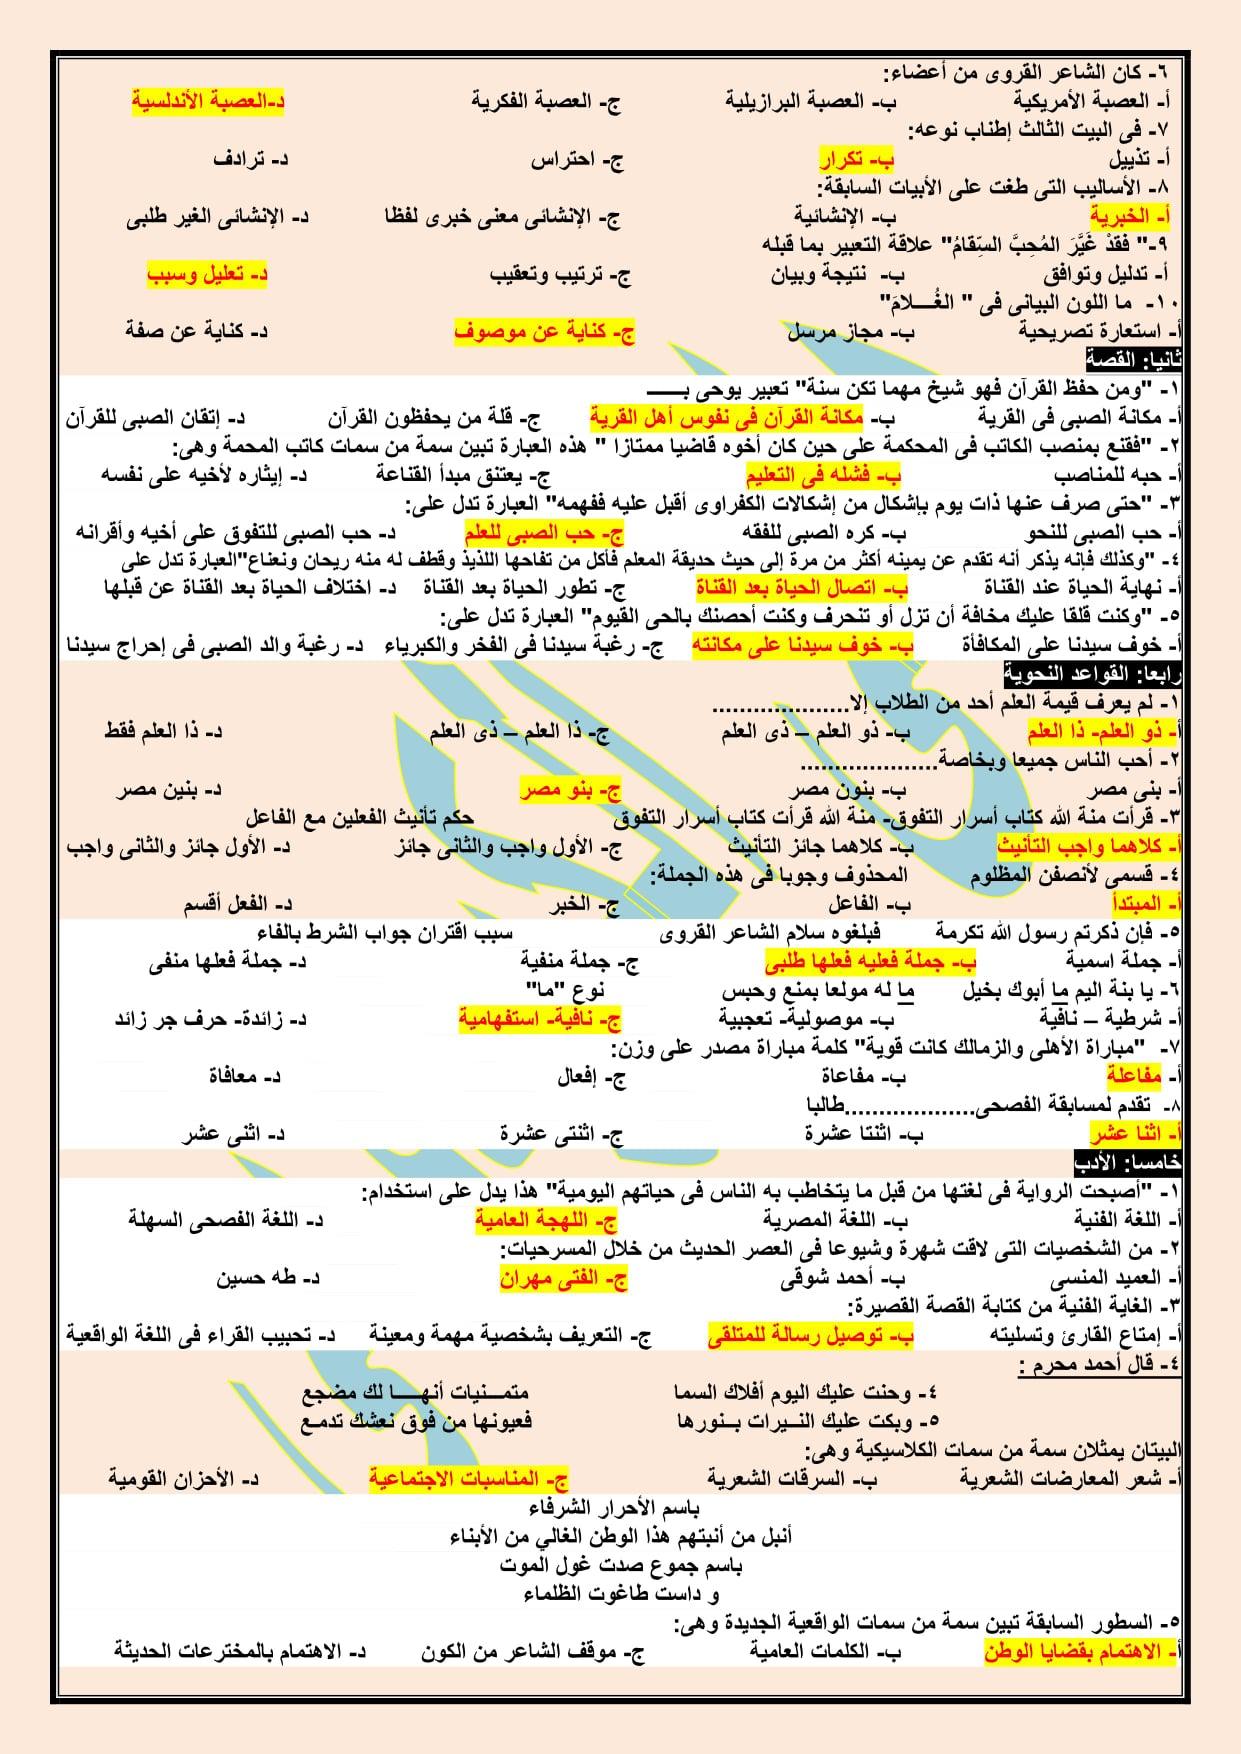 2 نموذج امتحان لغة عربية مجاب للصف الثالث الثانوي 2021 أ/ هاني الكردوني 17